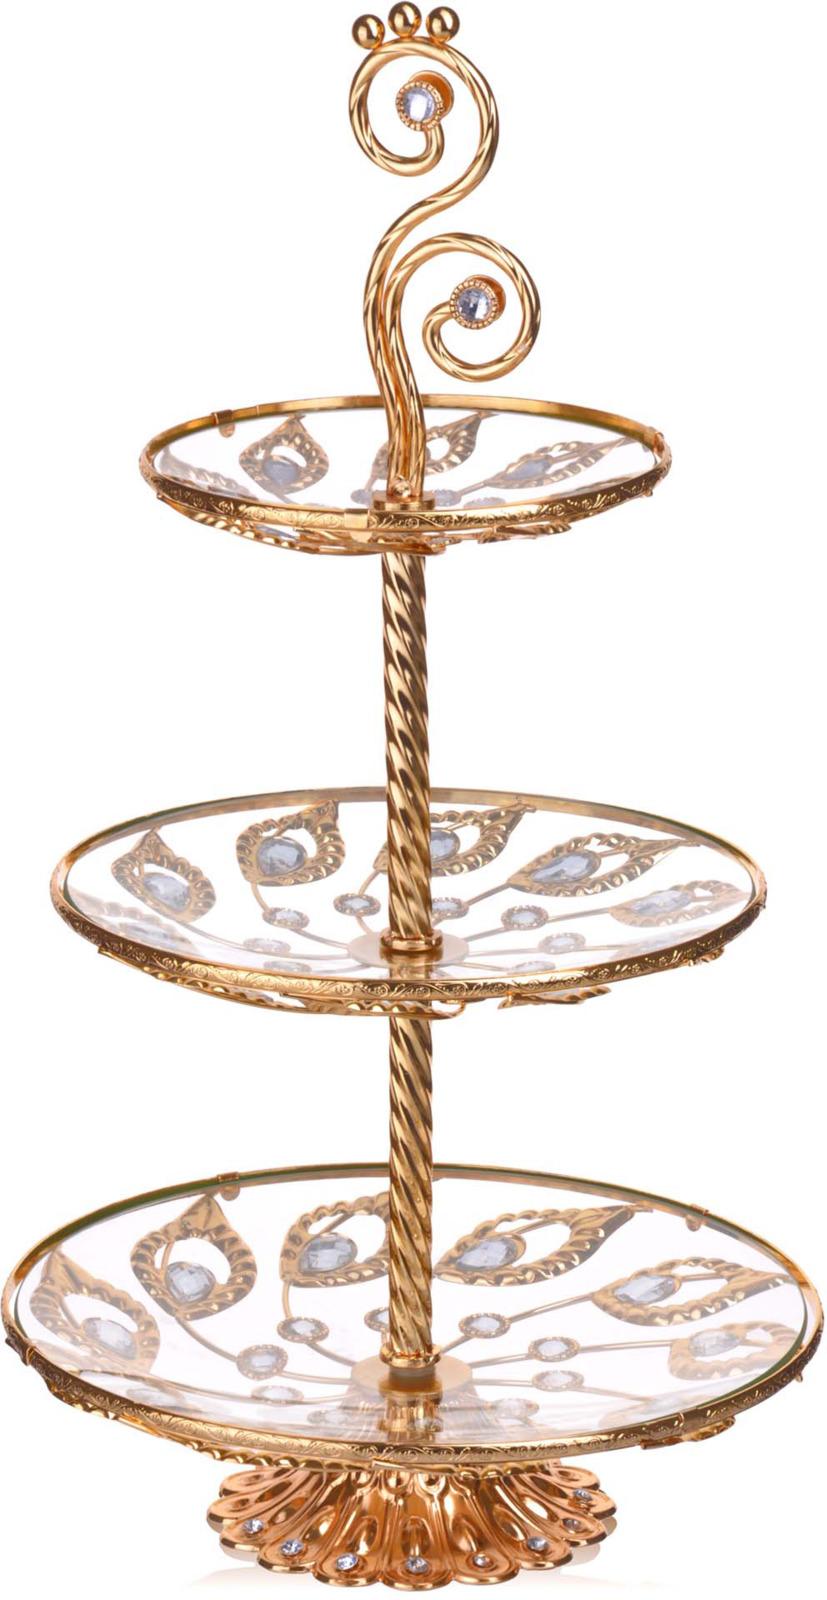 Конфетница Loraine, 3-ярусная, цвет: золотой, высота 58 см